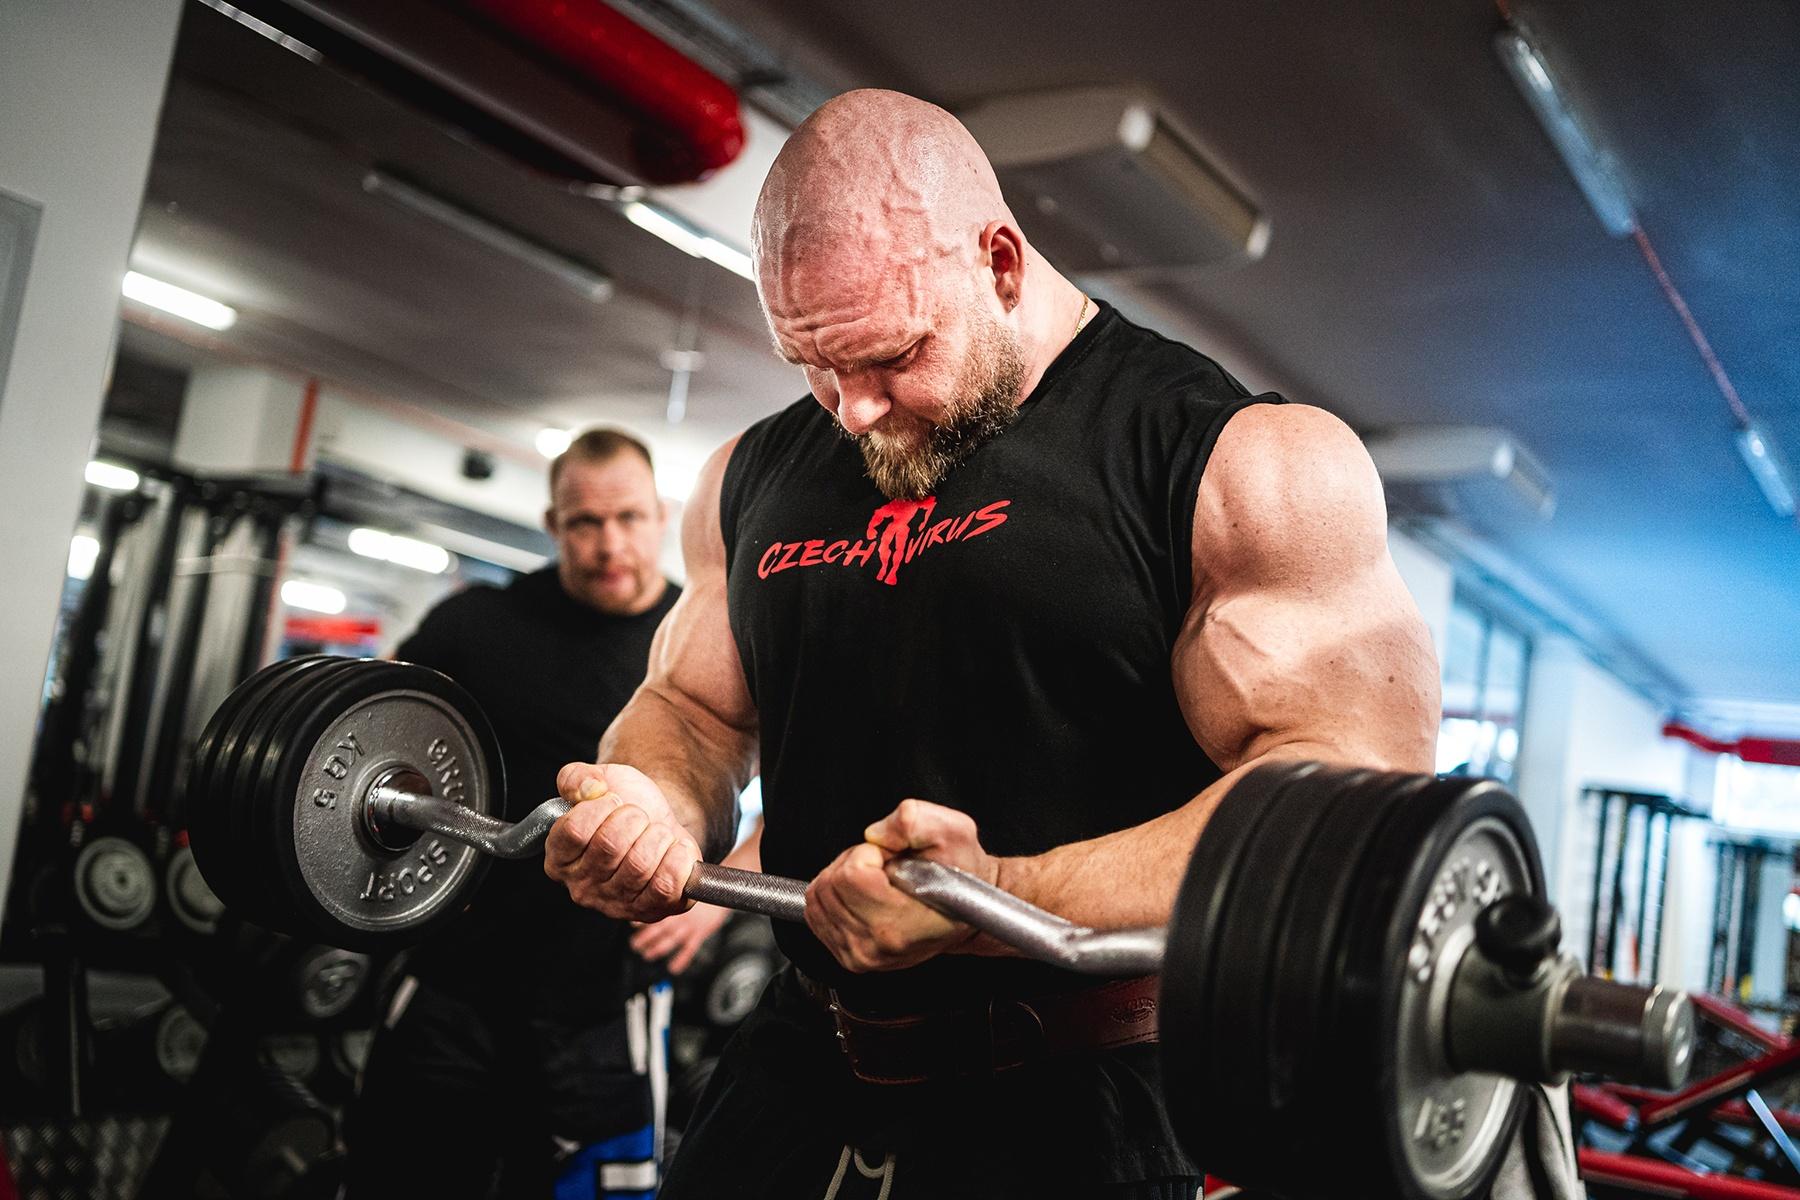 Pavel Beran biceps s ez osou